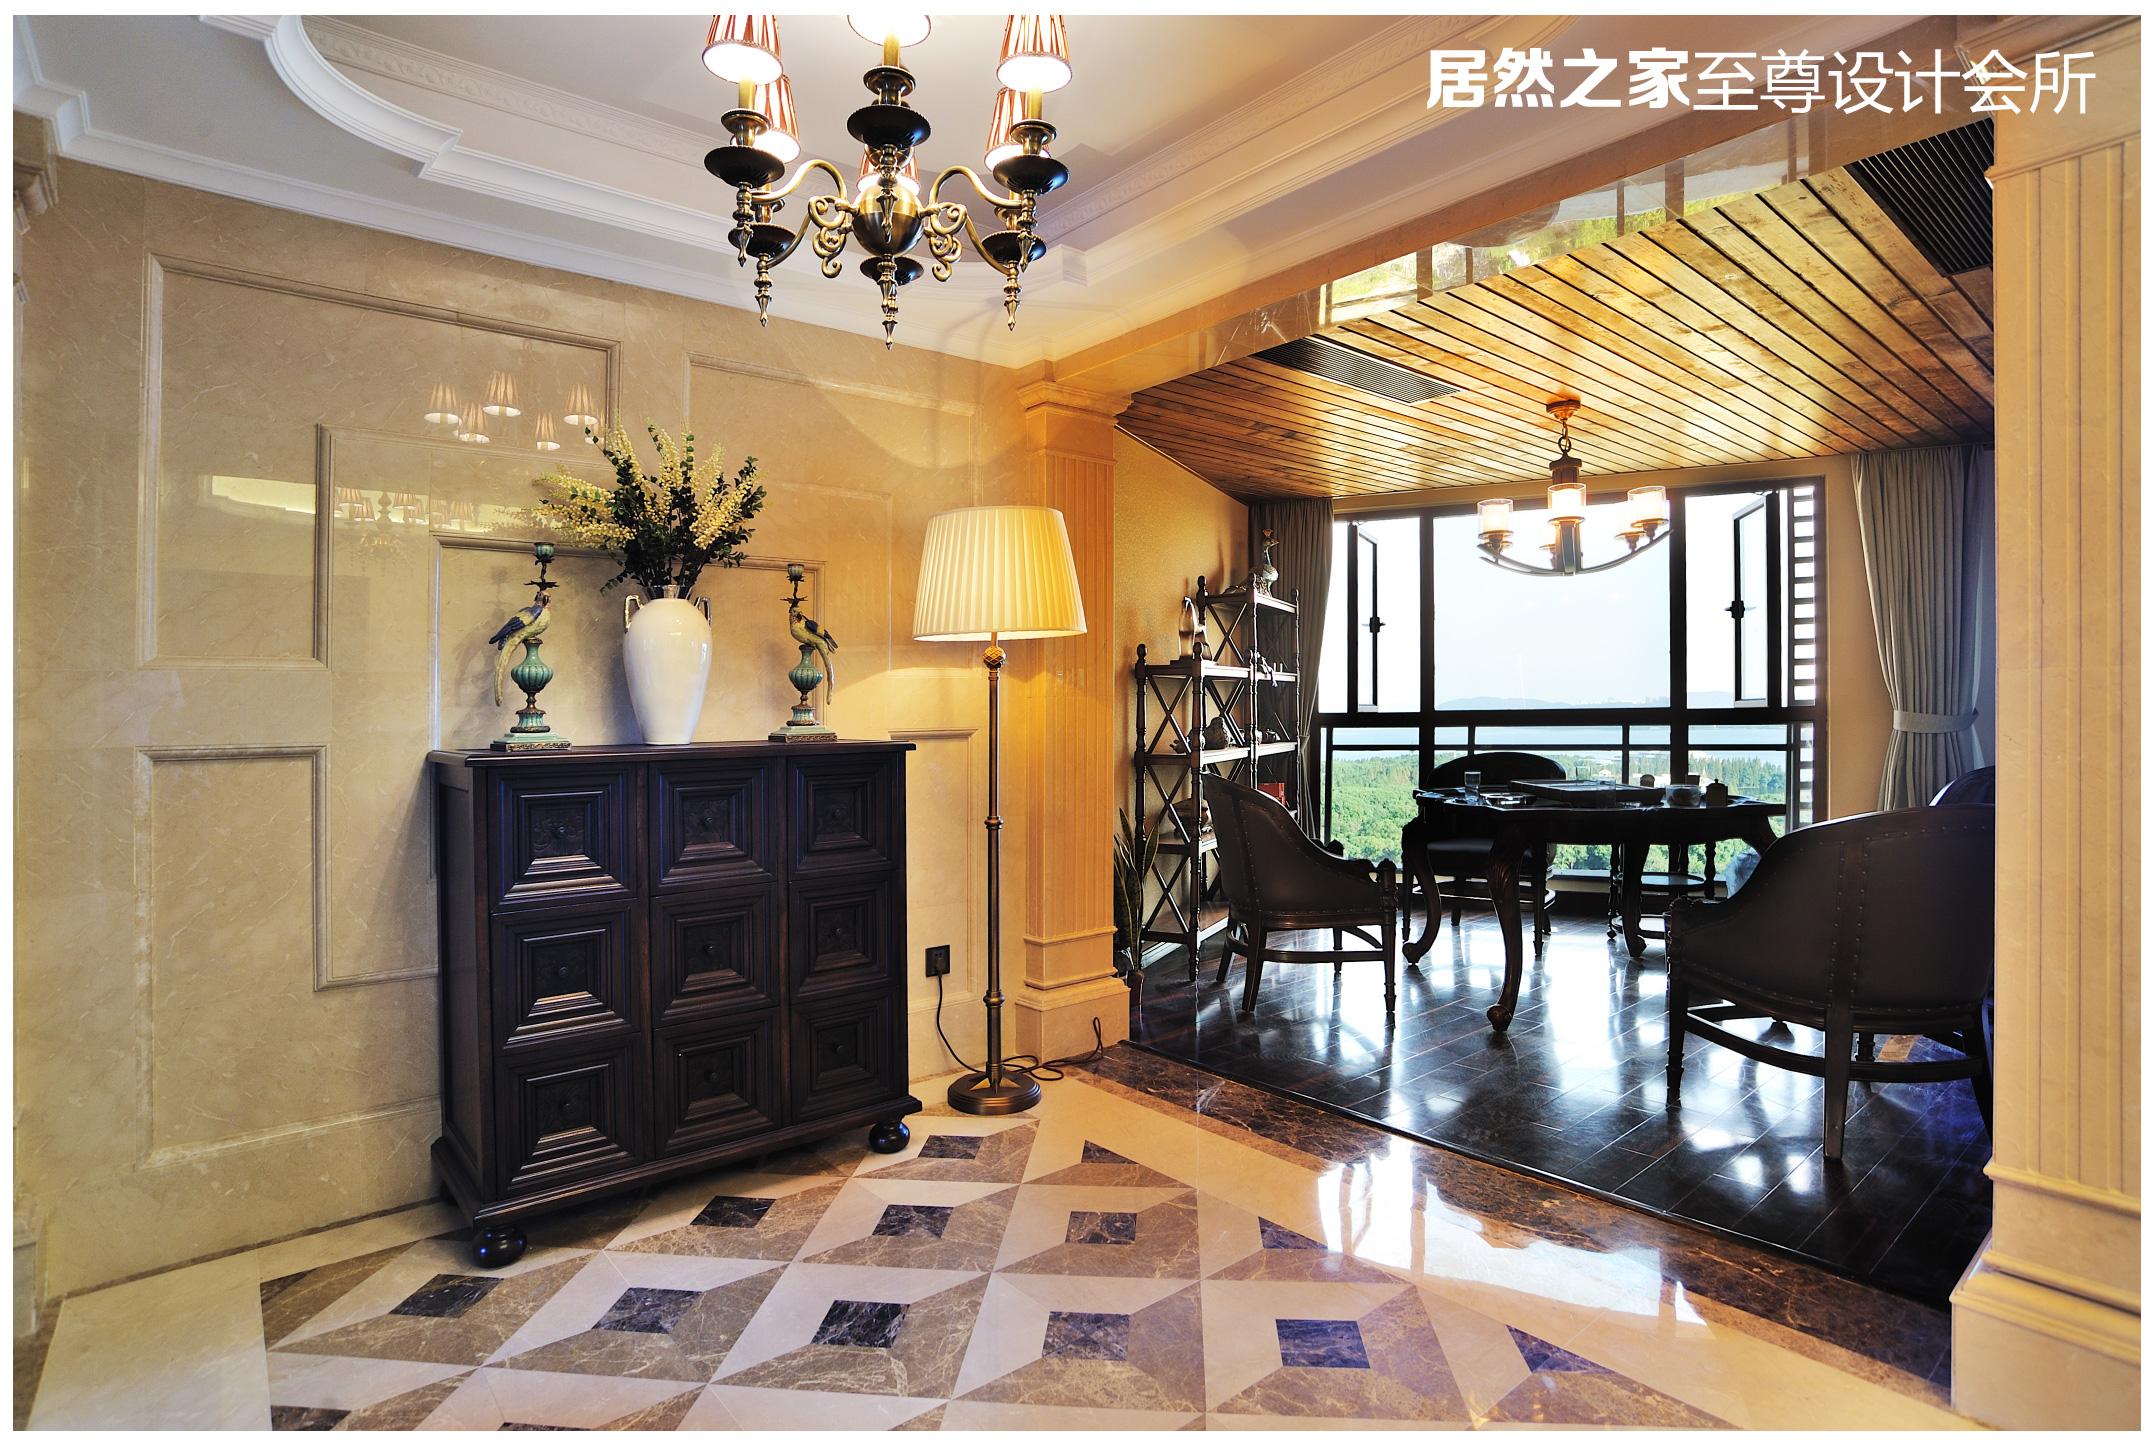 美式 古典 玄关图片来自武汉天合营造设计在复地东湖国际美式古典风情的分享